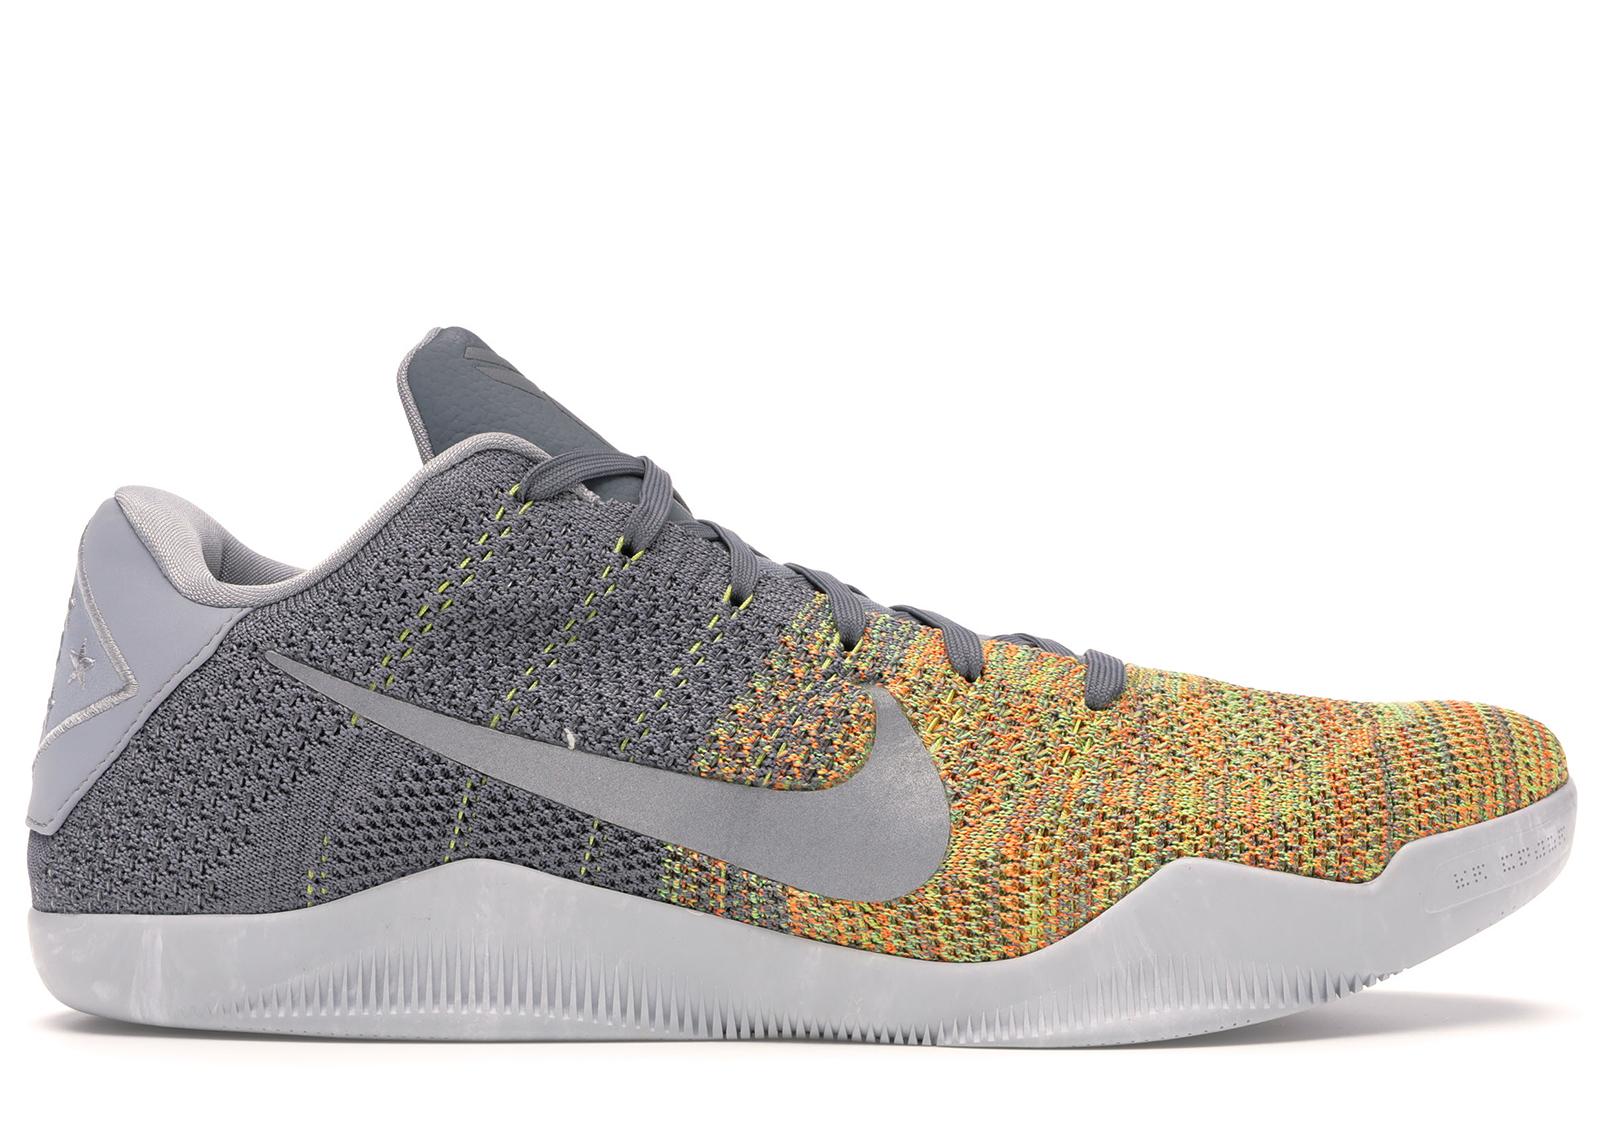 Nike Kobe 11 Elite Low Master of